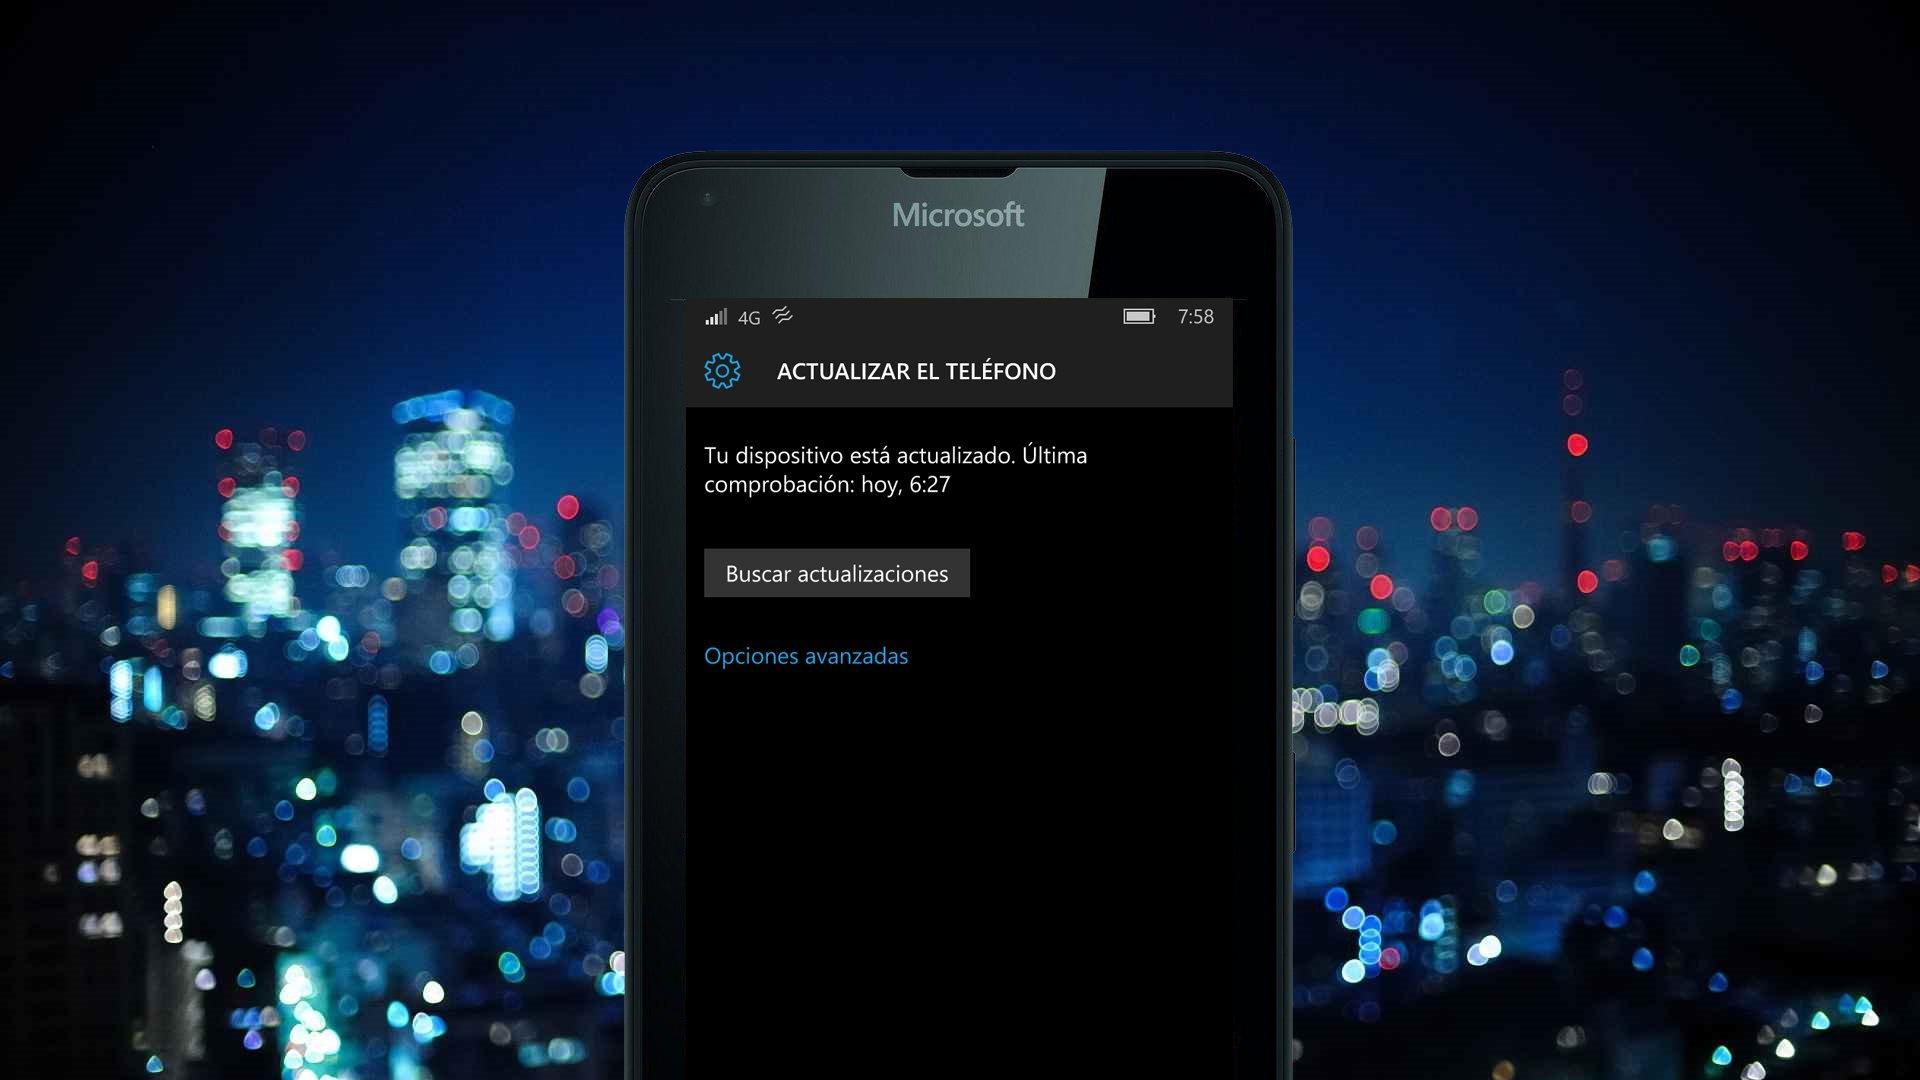 Una nueva actualización llega a Windows 10 Mobile